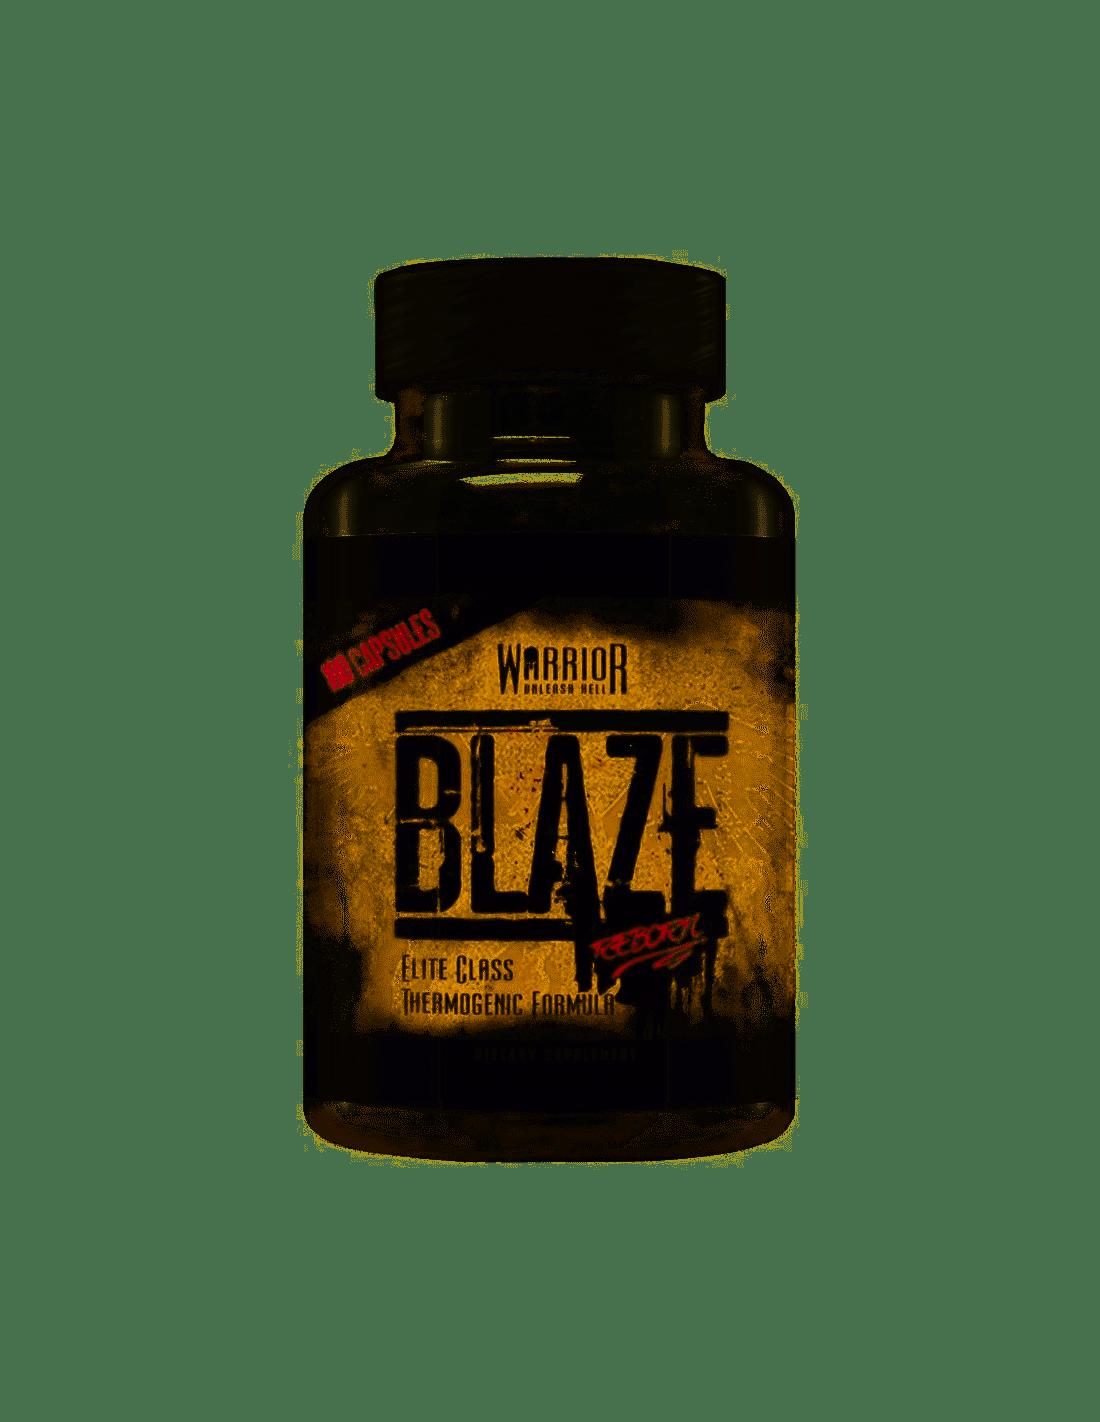 Warrior Blaze Reborn